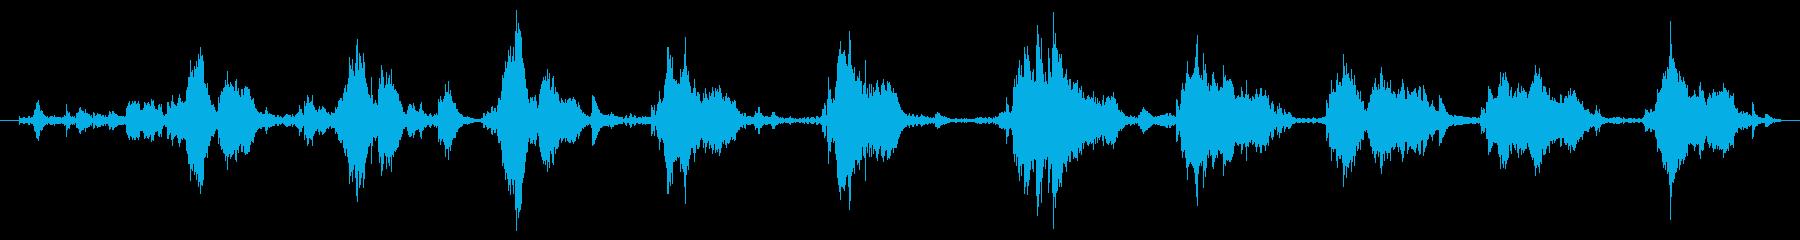 遊び場 トランポリン01の再生済みの波形